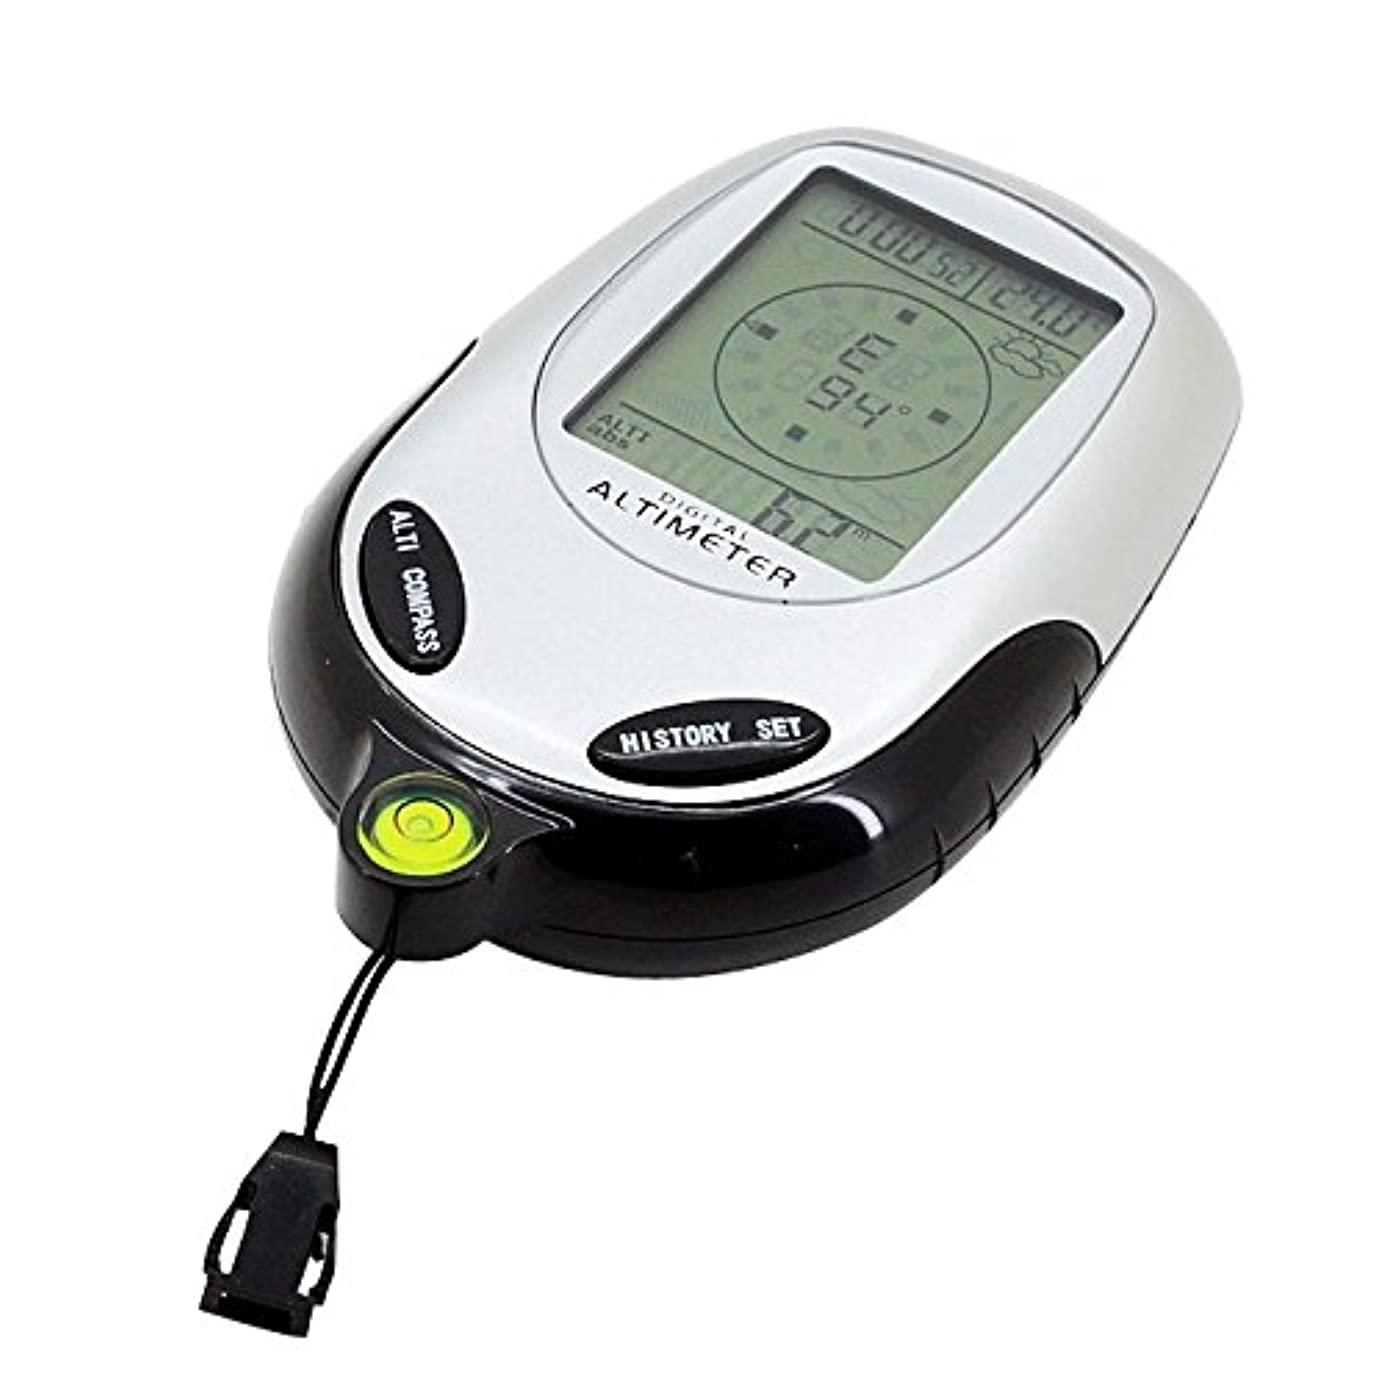 ボウル役員退屈させるLIJIAN コンパス&気圧計&温度計&勇敢な予報と時計付き1多機能デジタル高度計に付き6